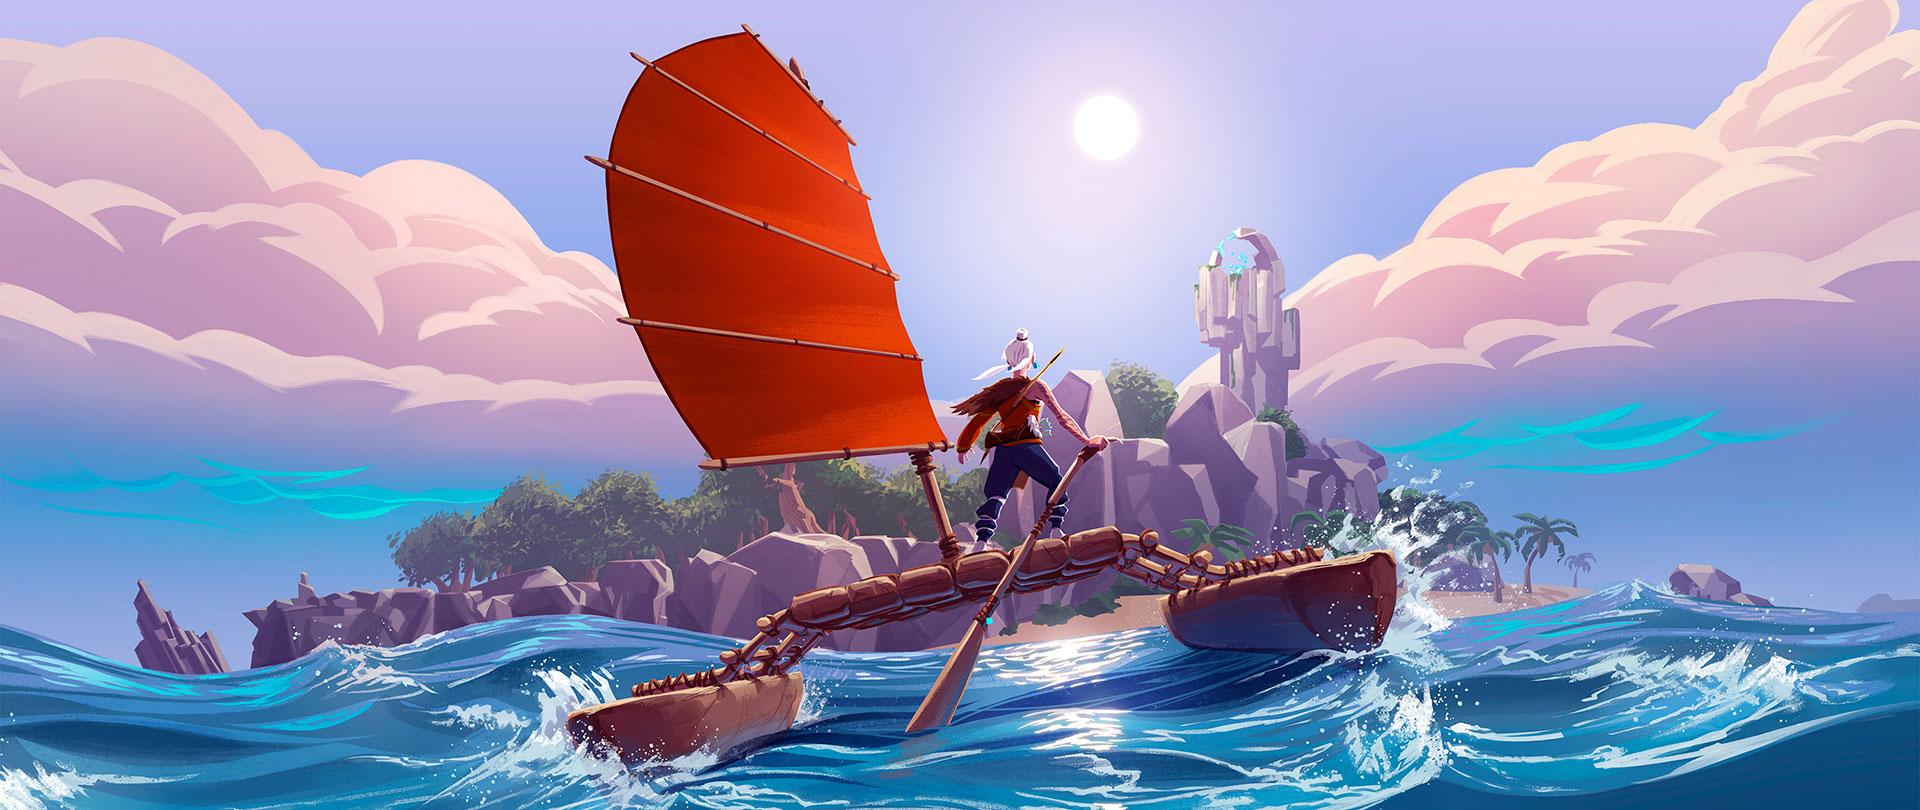 5 Lives Studios выпустила игру Windbound